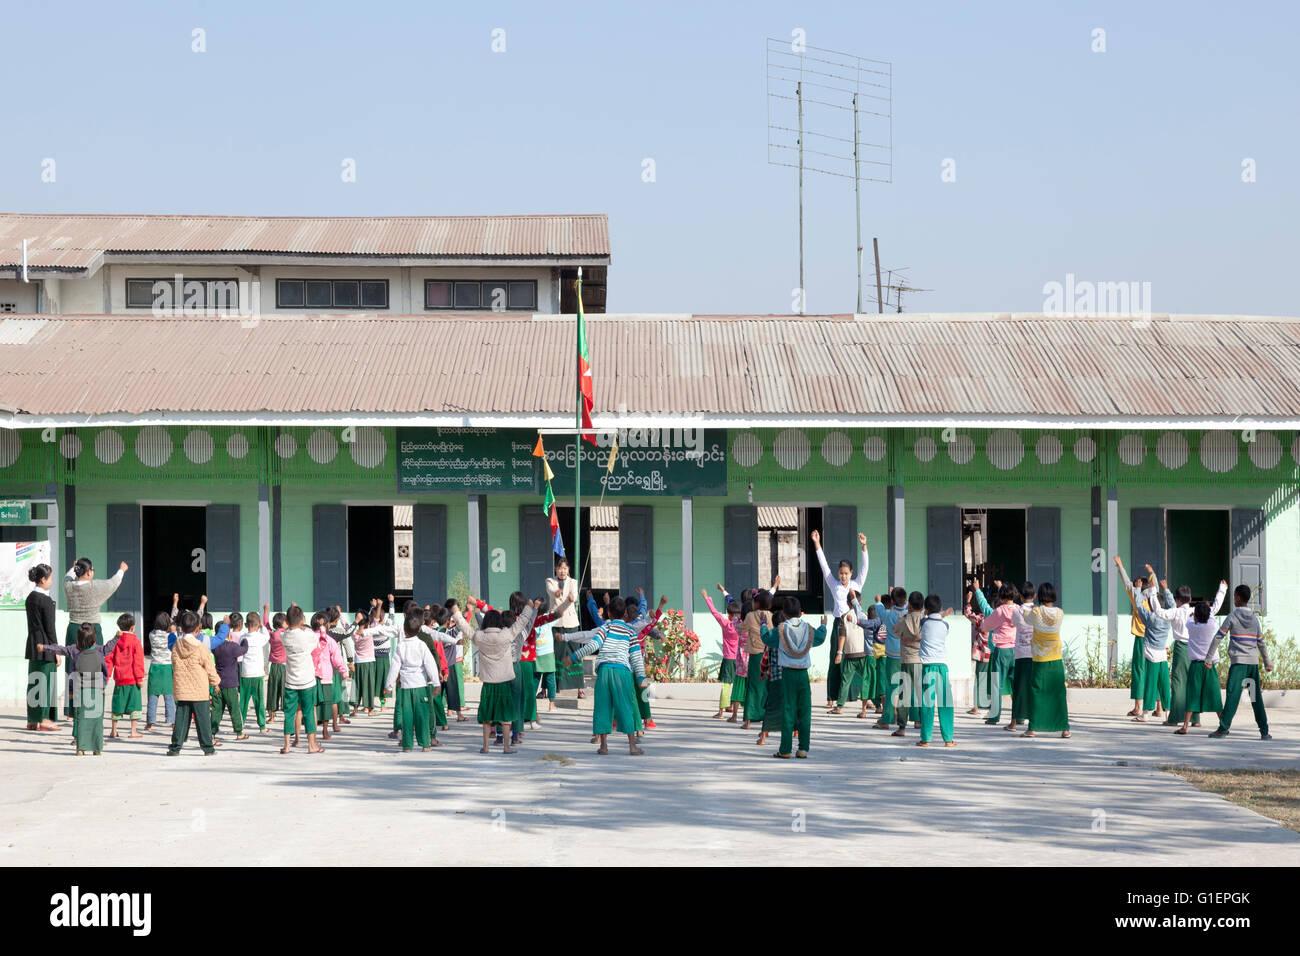 Prima di classe, il pupillo di allenamento fisico in una scuola primaria di Nyaungshwe (Myanmar). La culture physique Immagini Stock